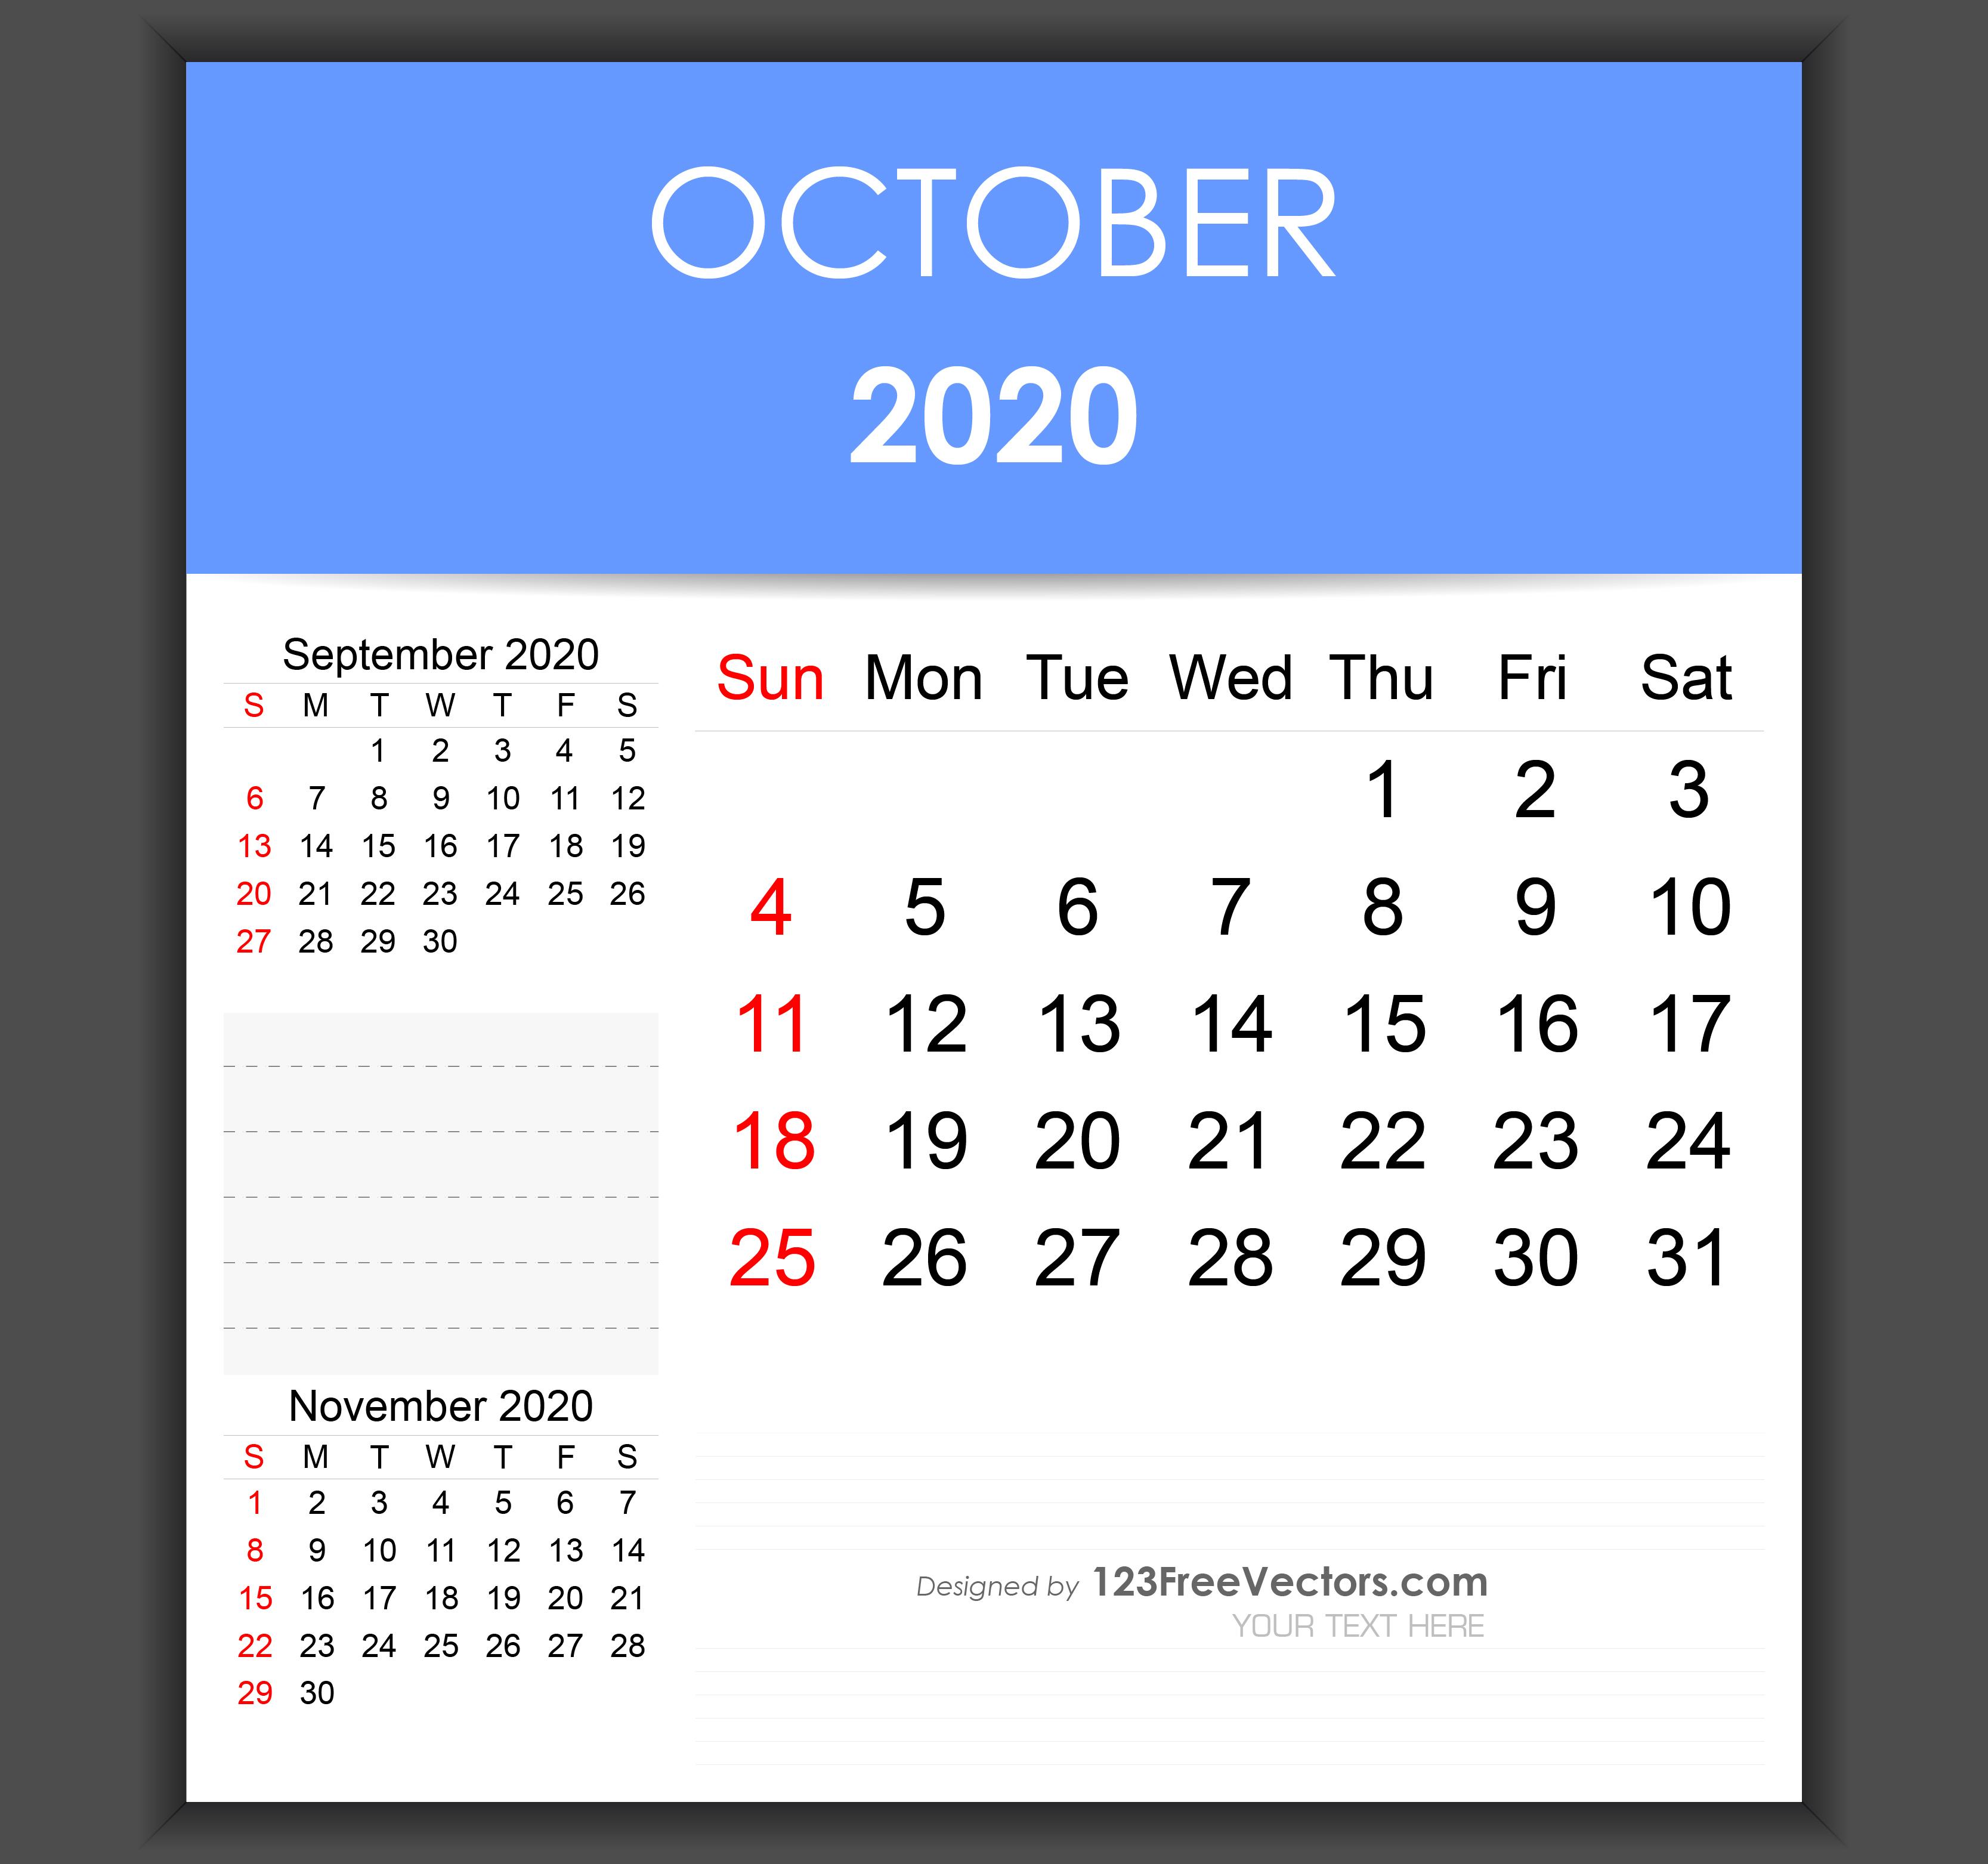 Editable October 2020 Calendar Template within October & November 2020 Calendar